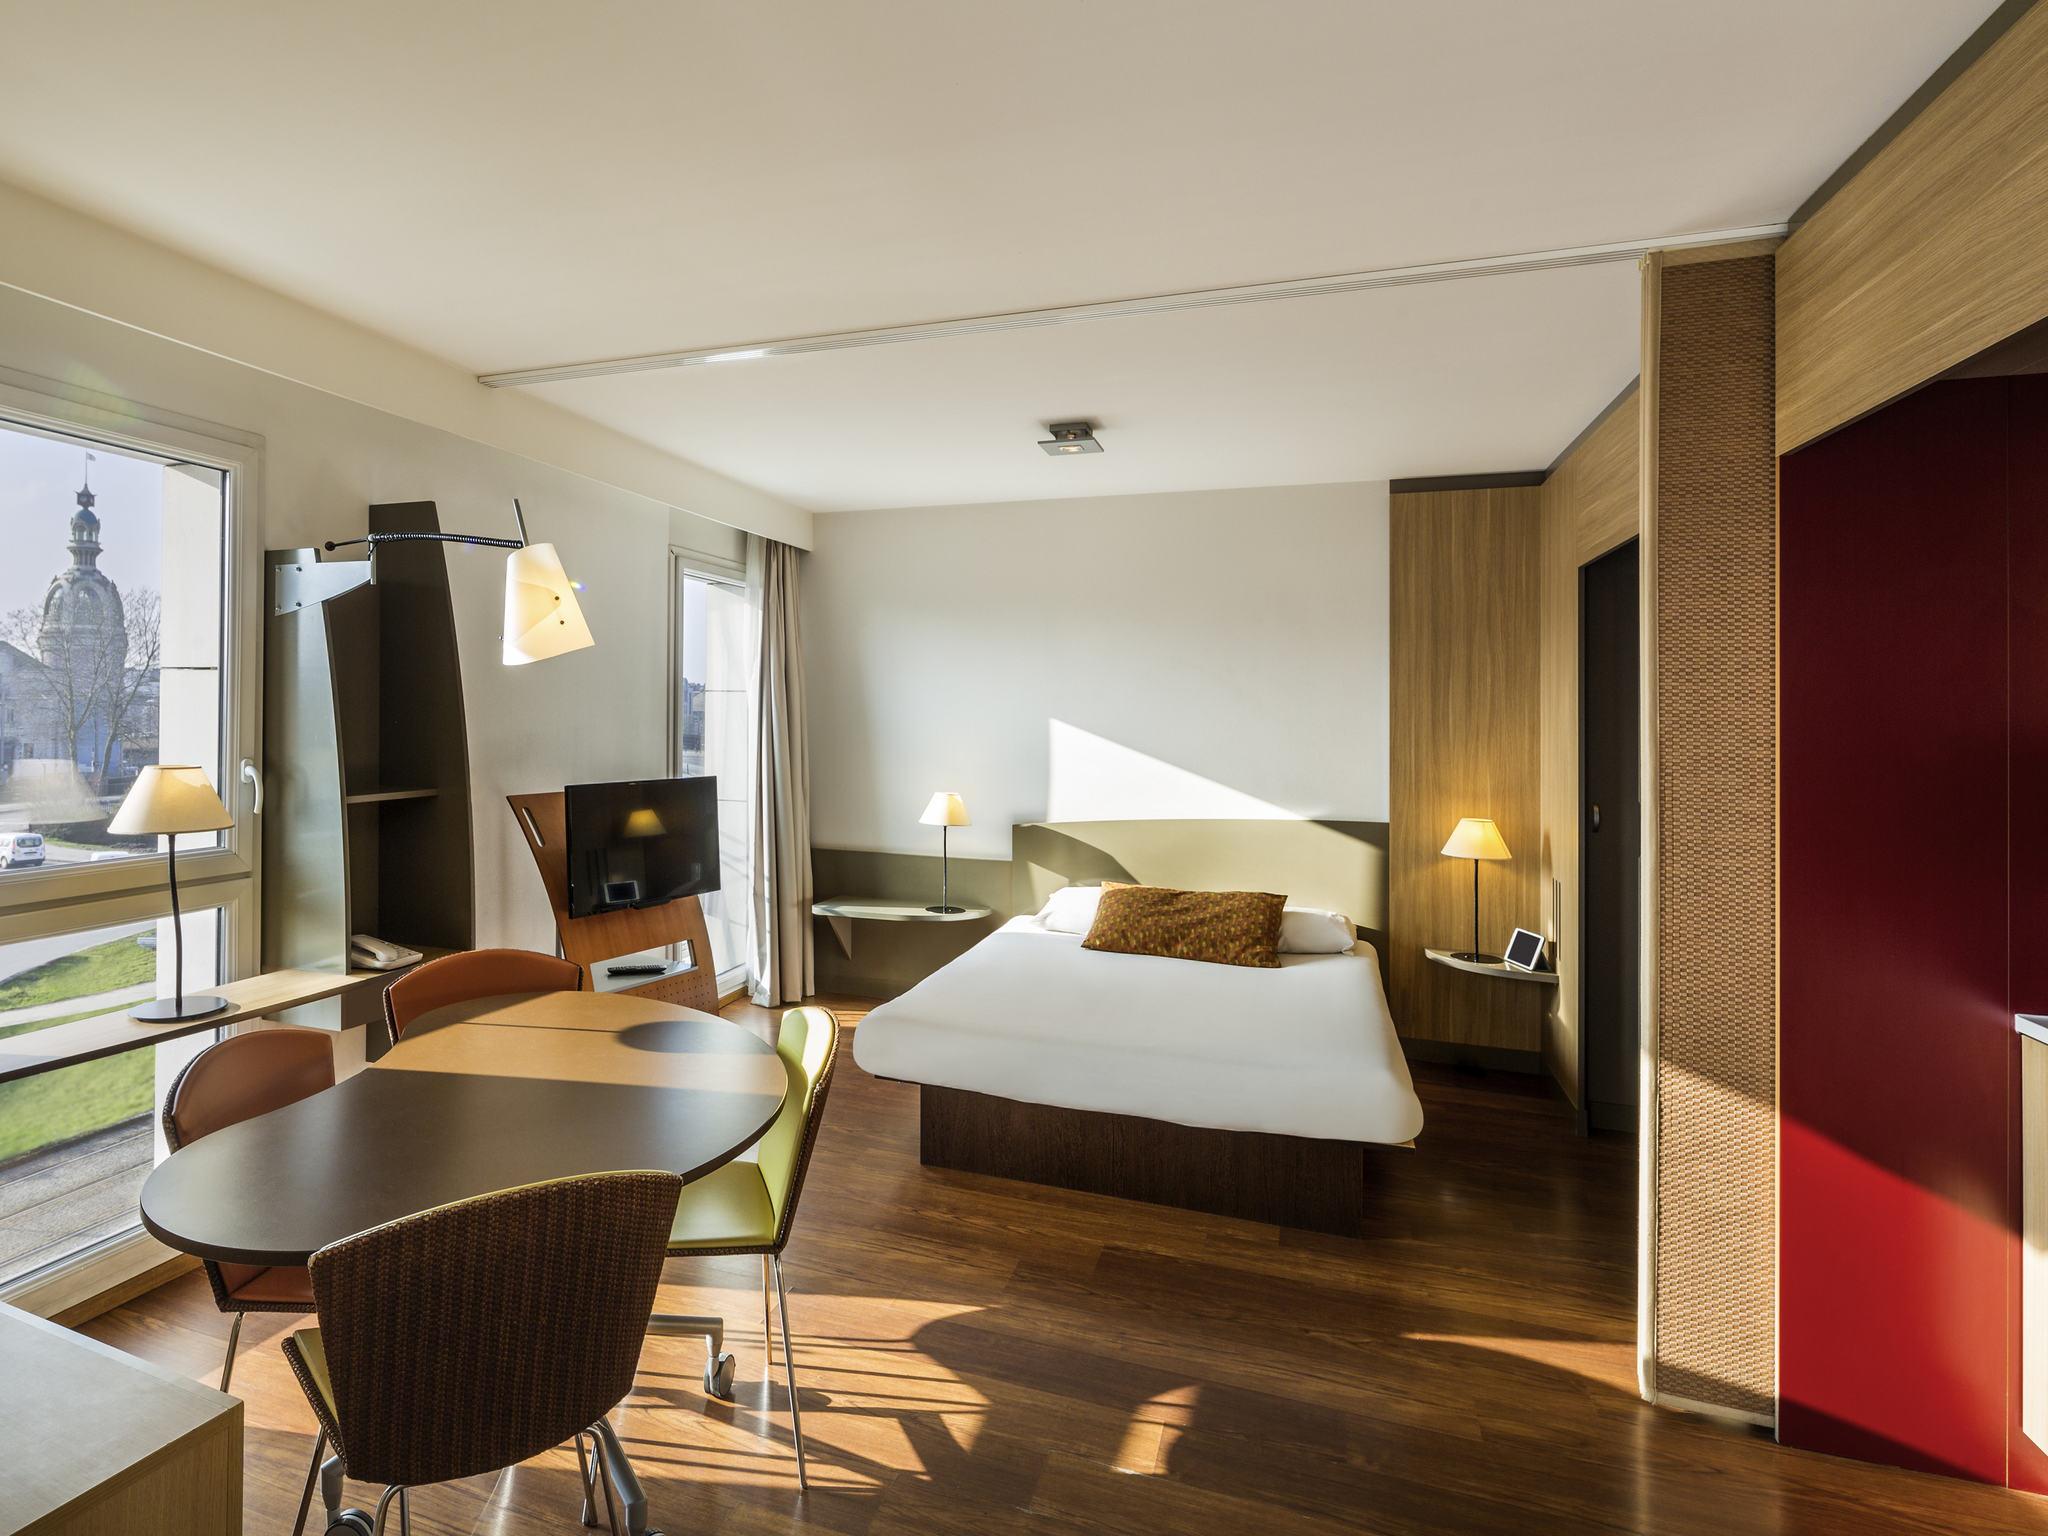 H tel nantes aparthotel adagio nantes centre for Aparthotel adagio espagne